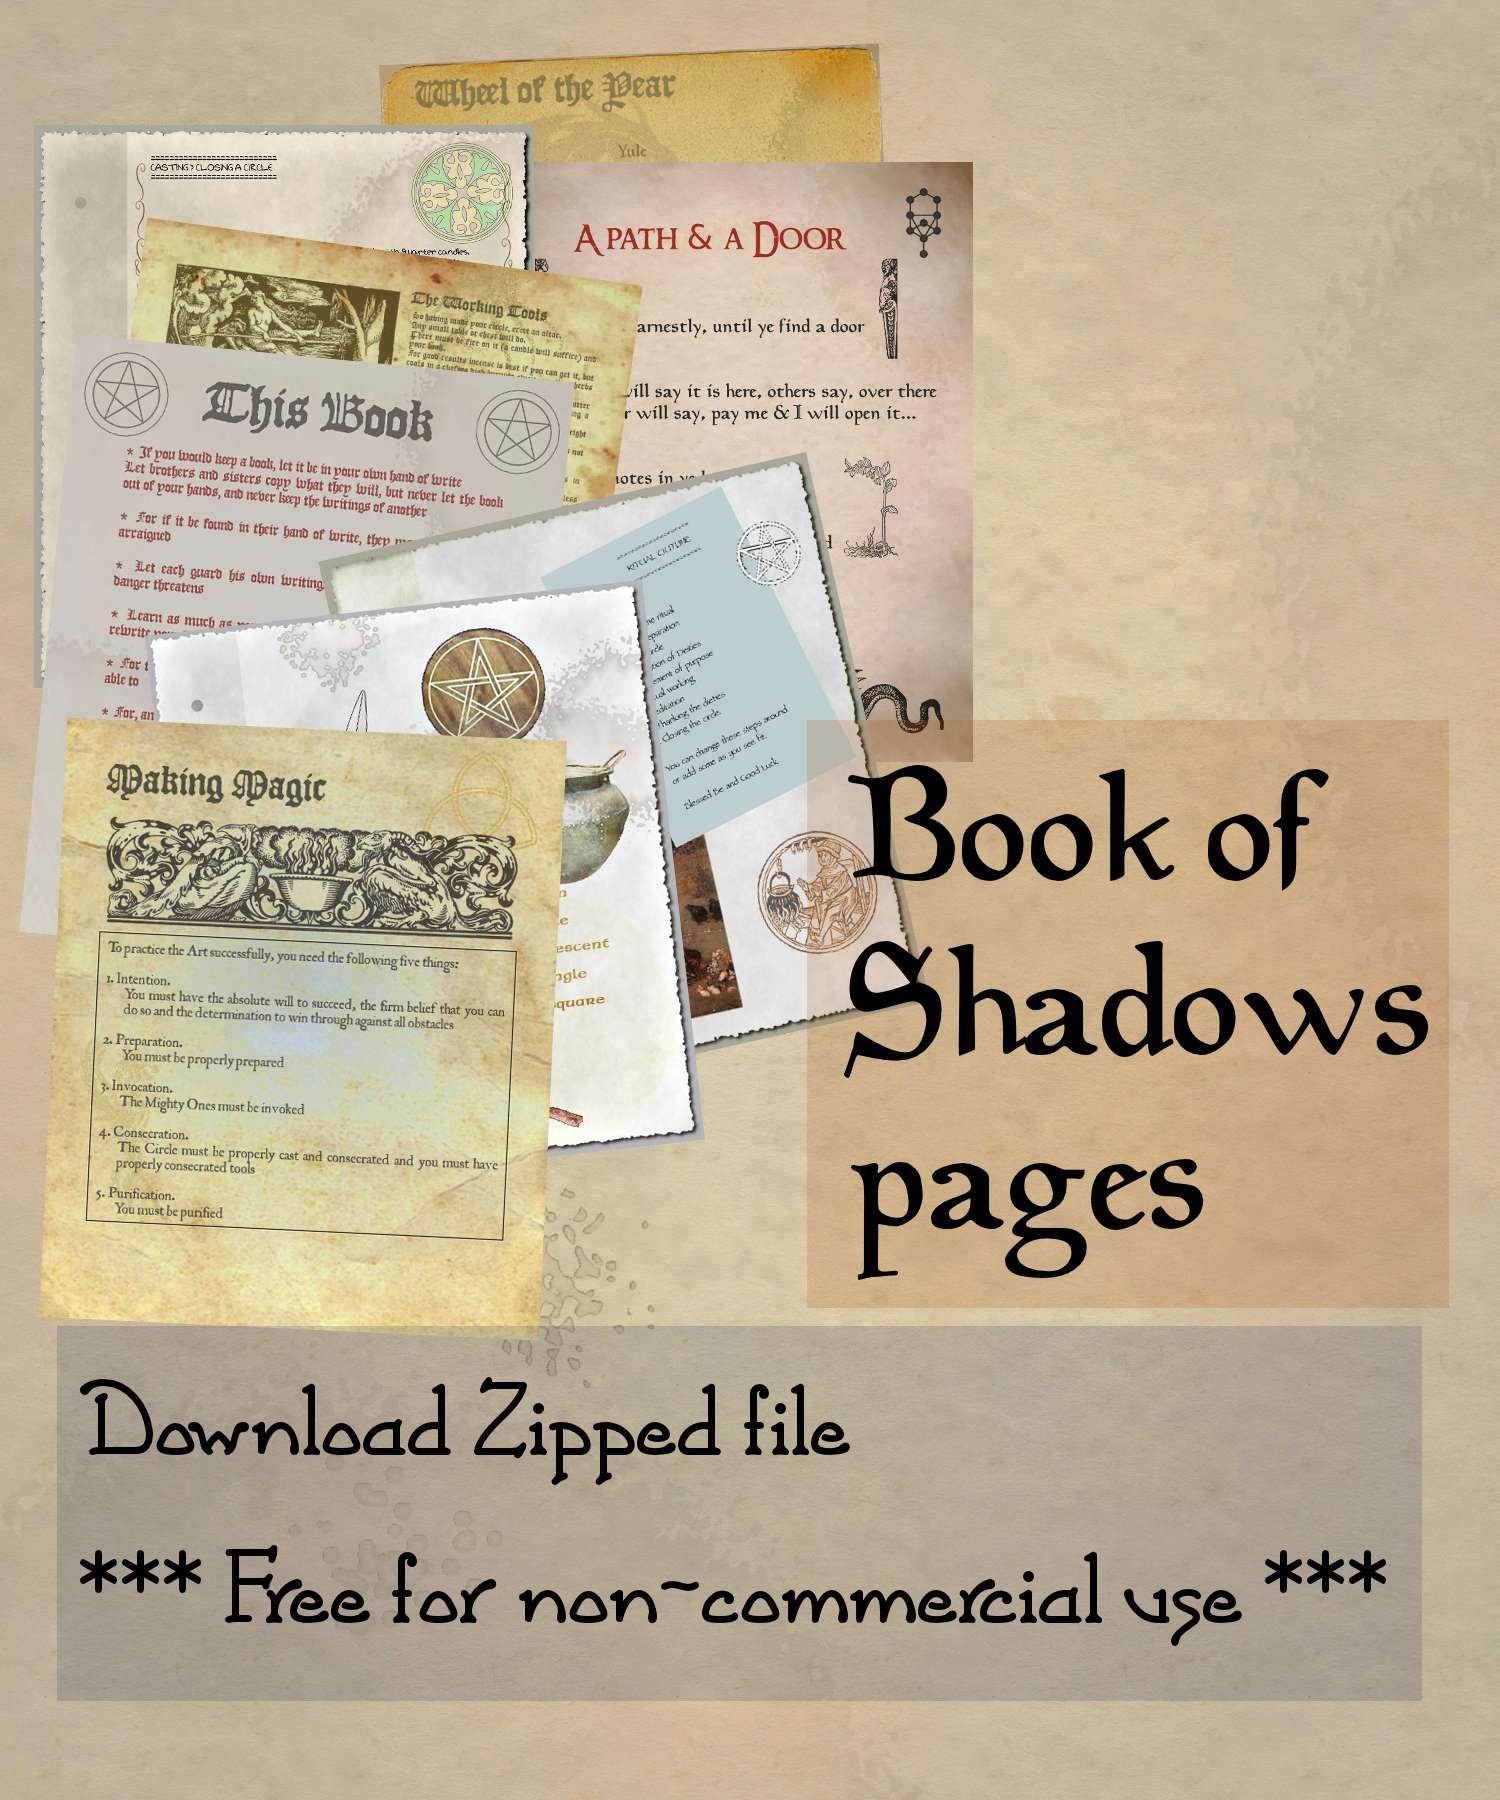 Book of Shadows 02 compendium